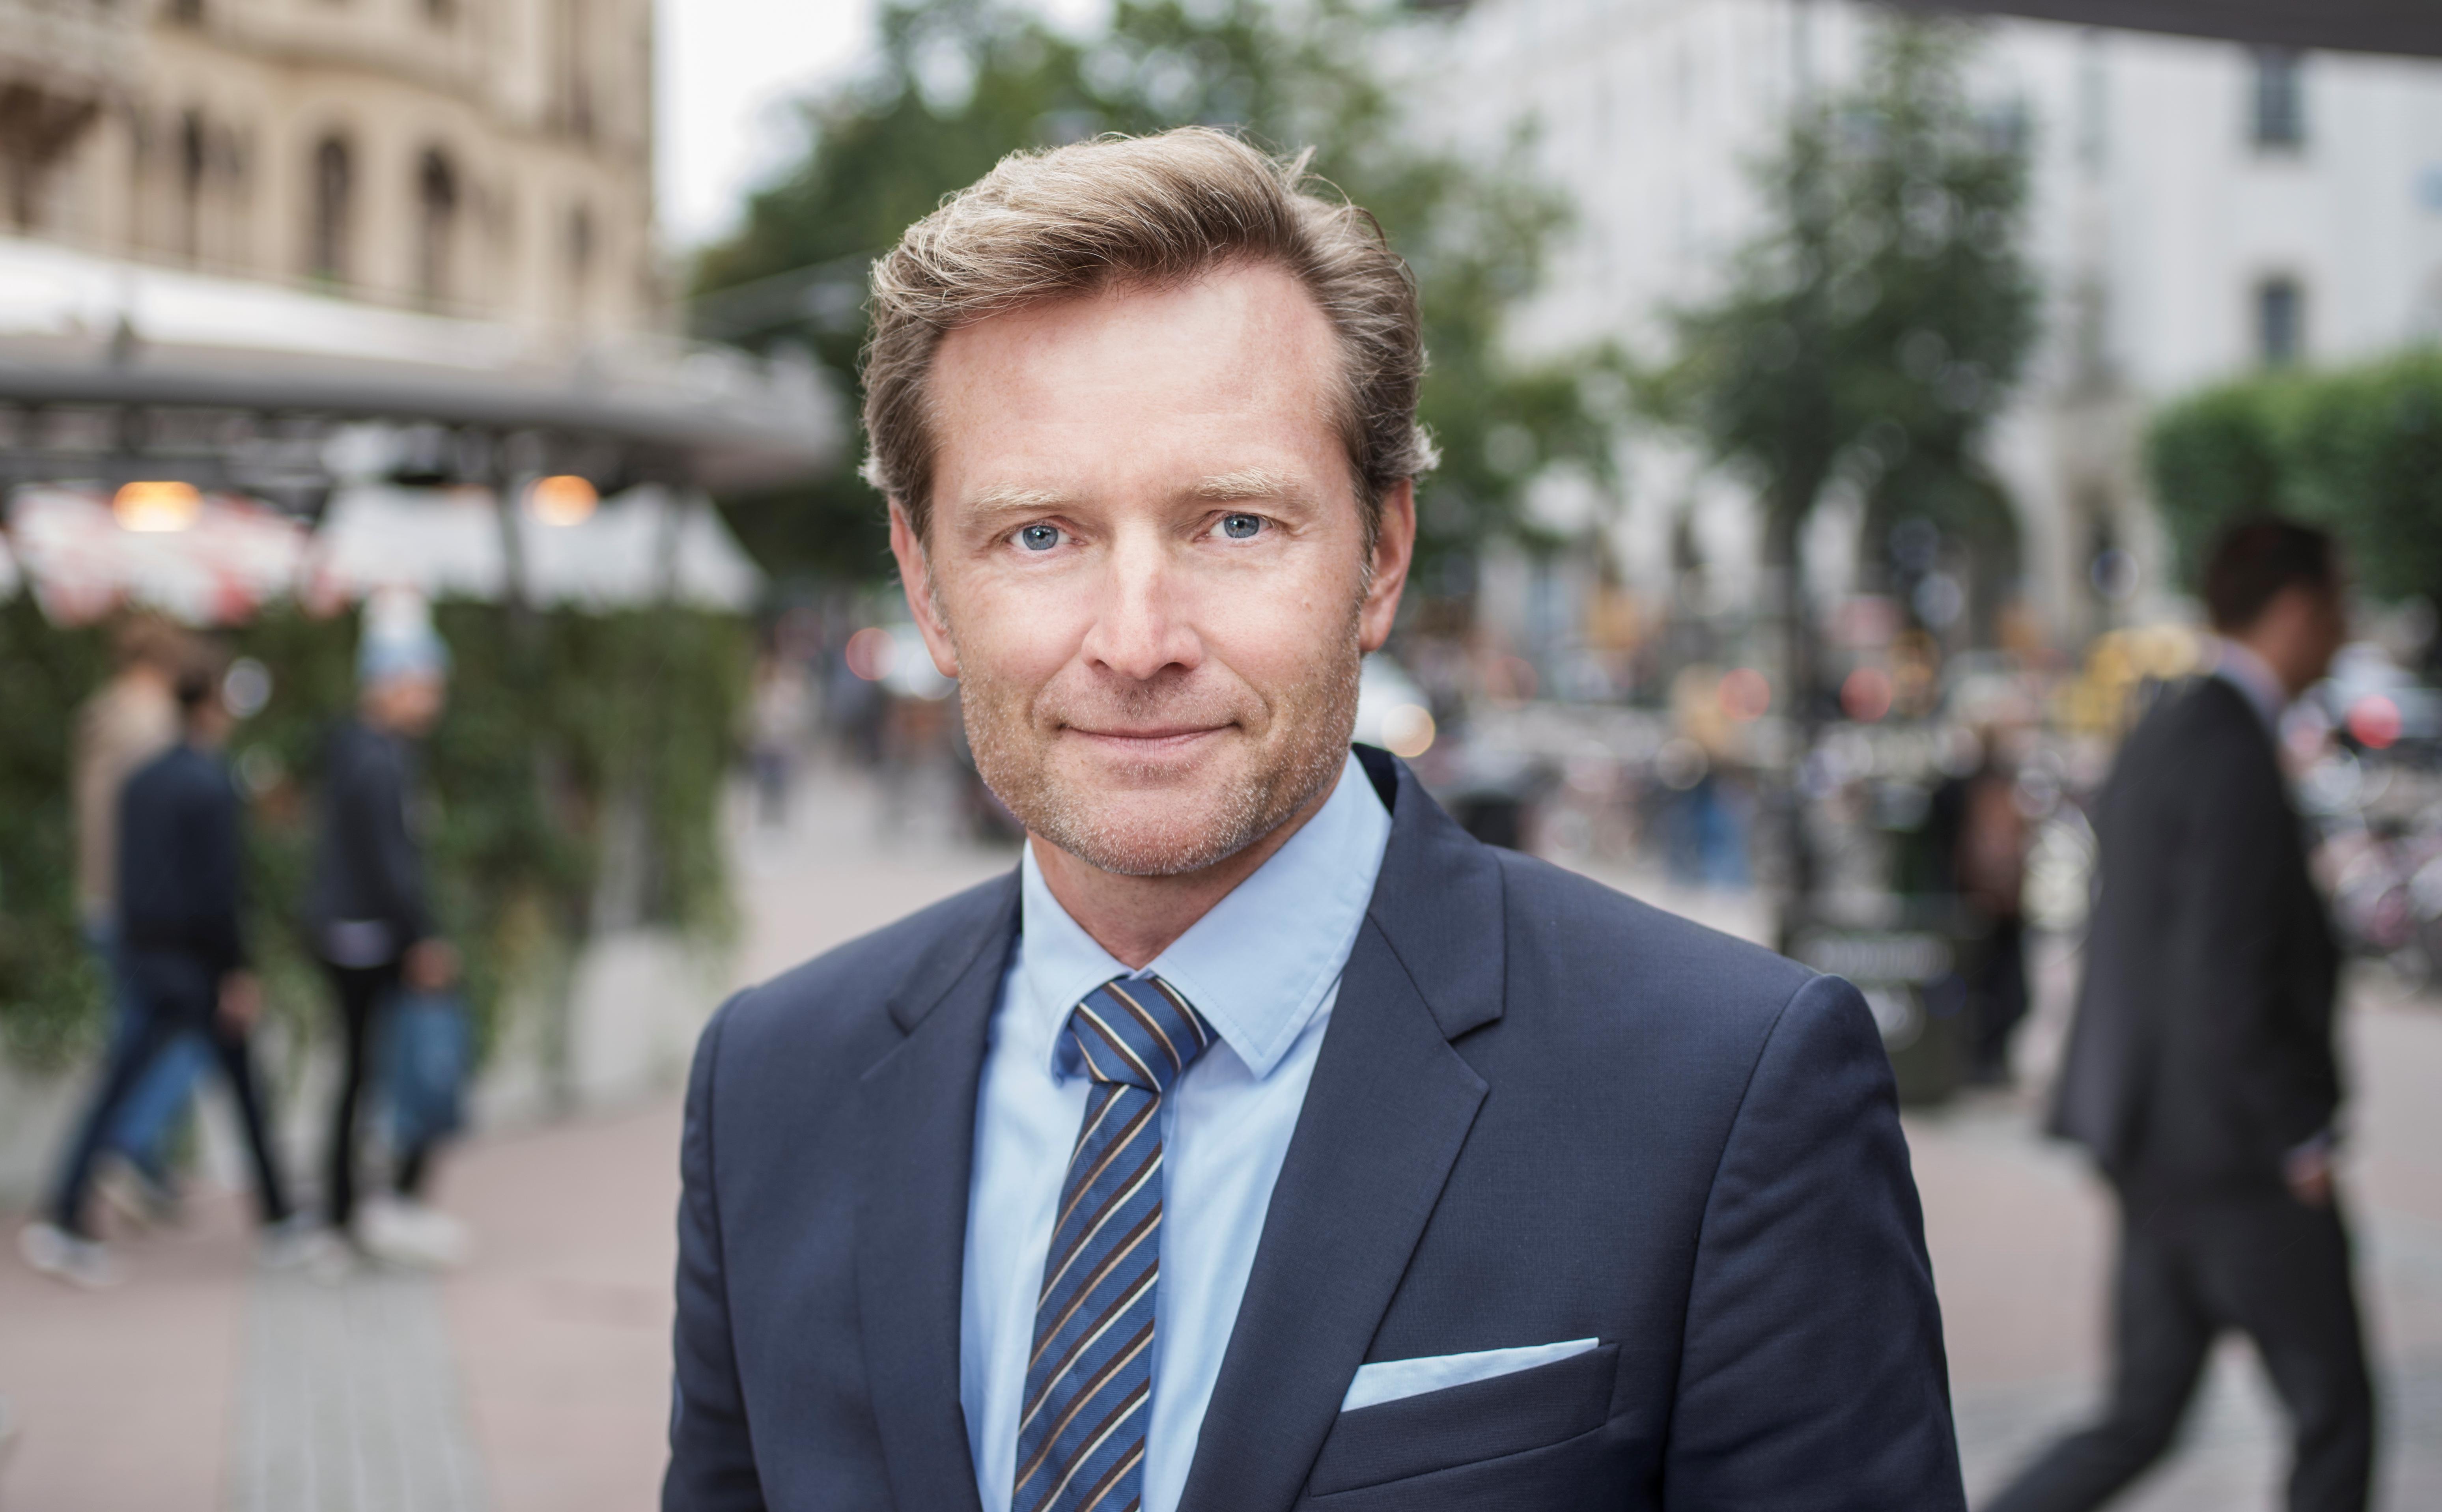 Morten Boje Hviid, External Communications & Public Affairs Director hos Københavns Lufthavn. (Foto: Jäger Arén)